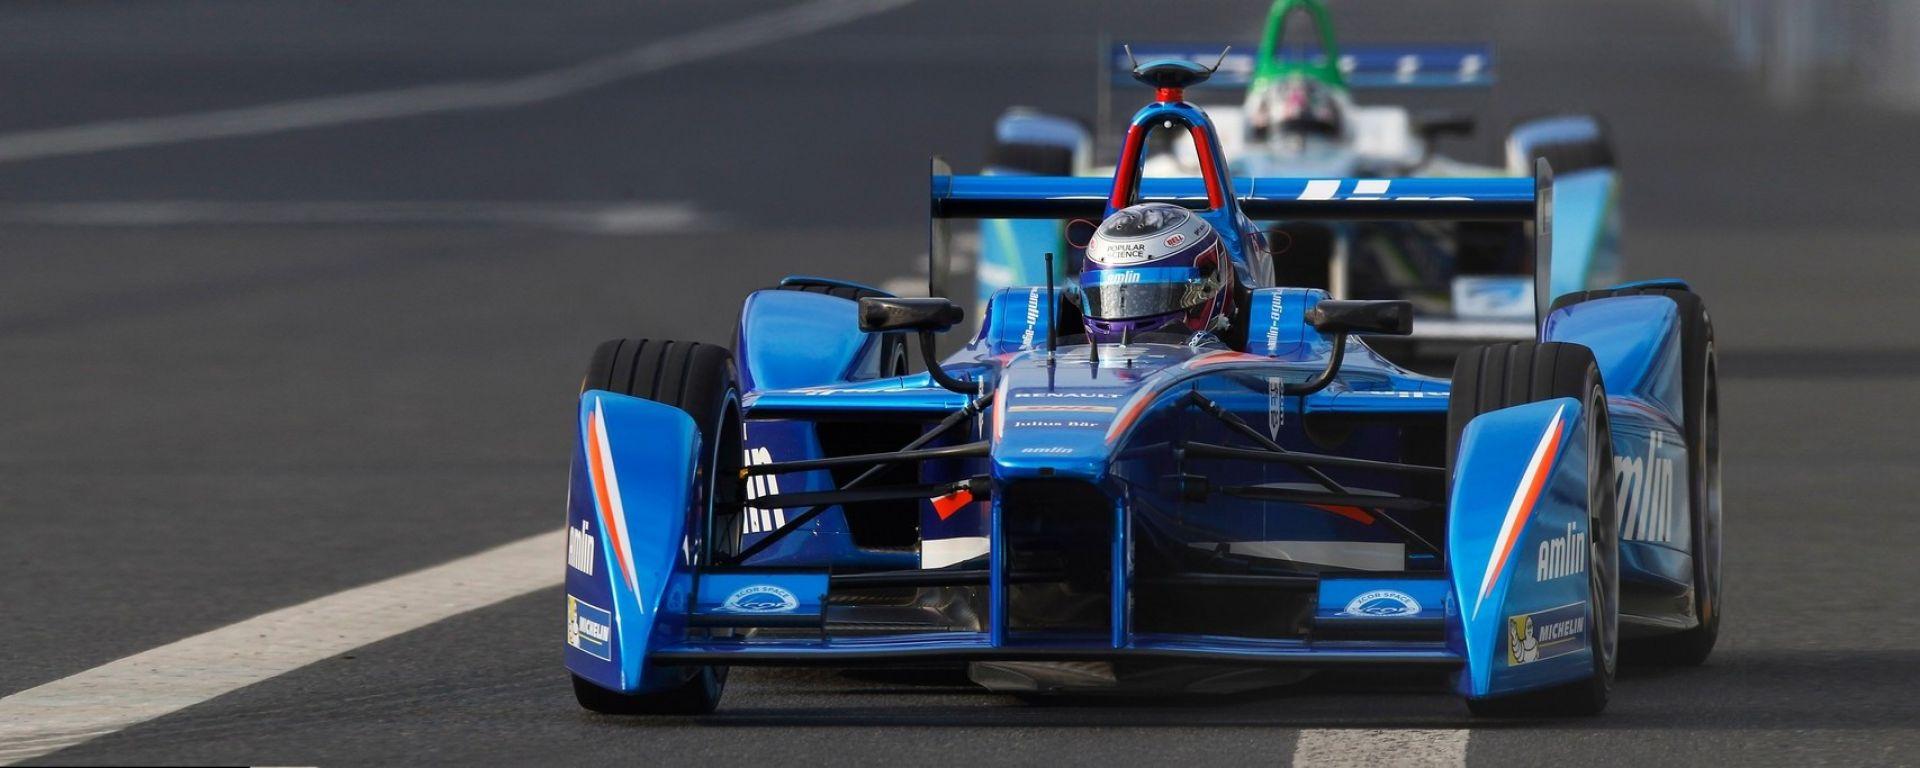 Formula e - tutti gli ePrix della stagione 2017-2018